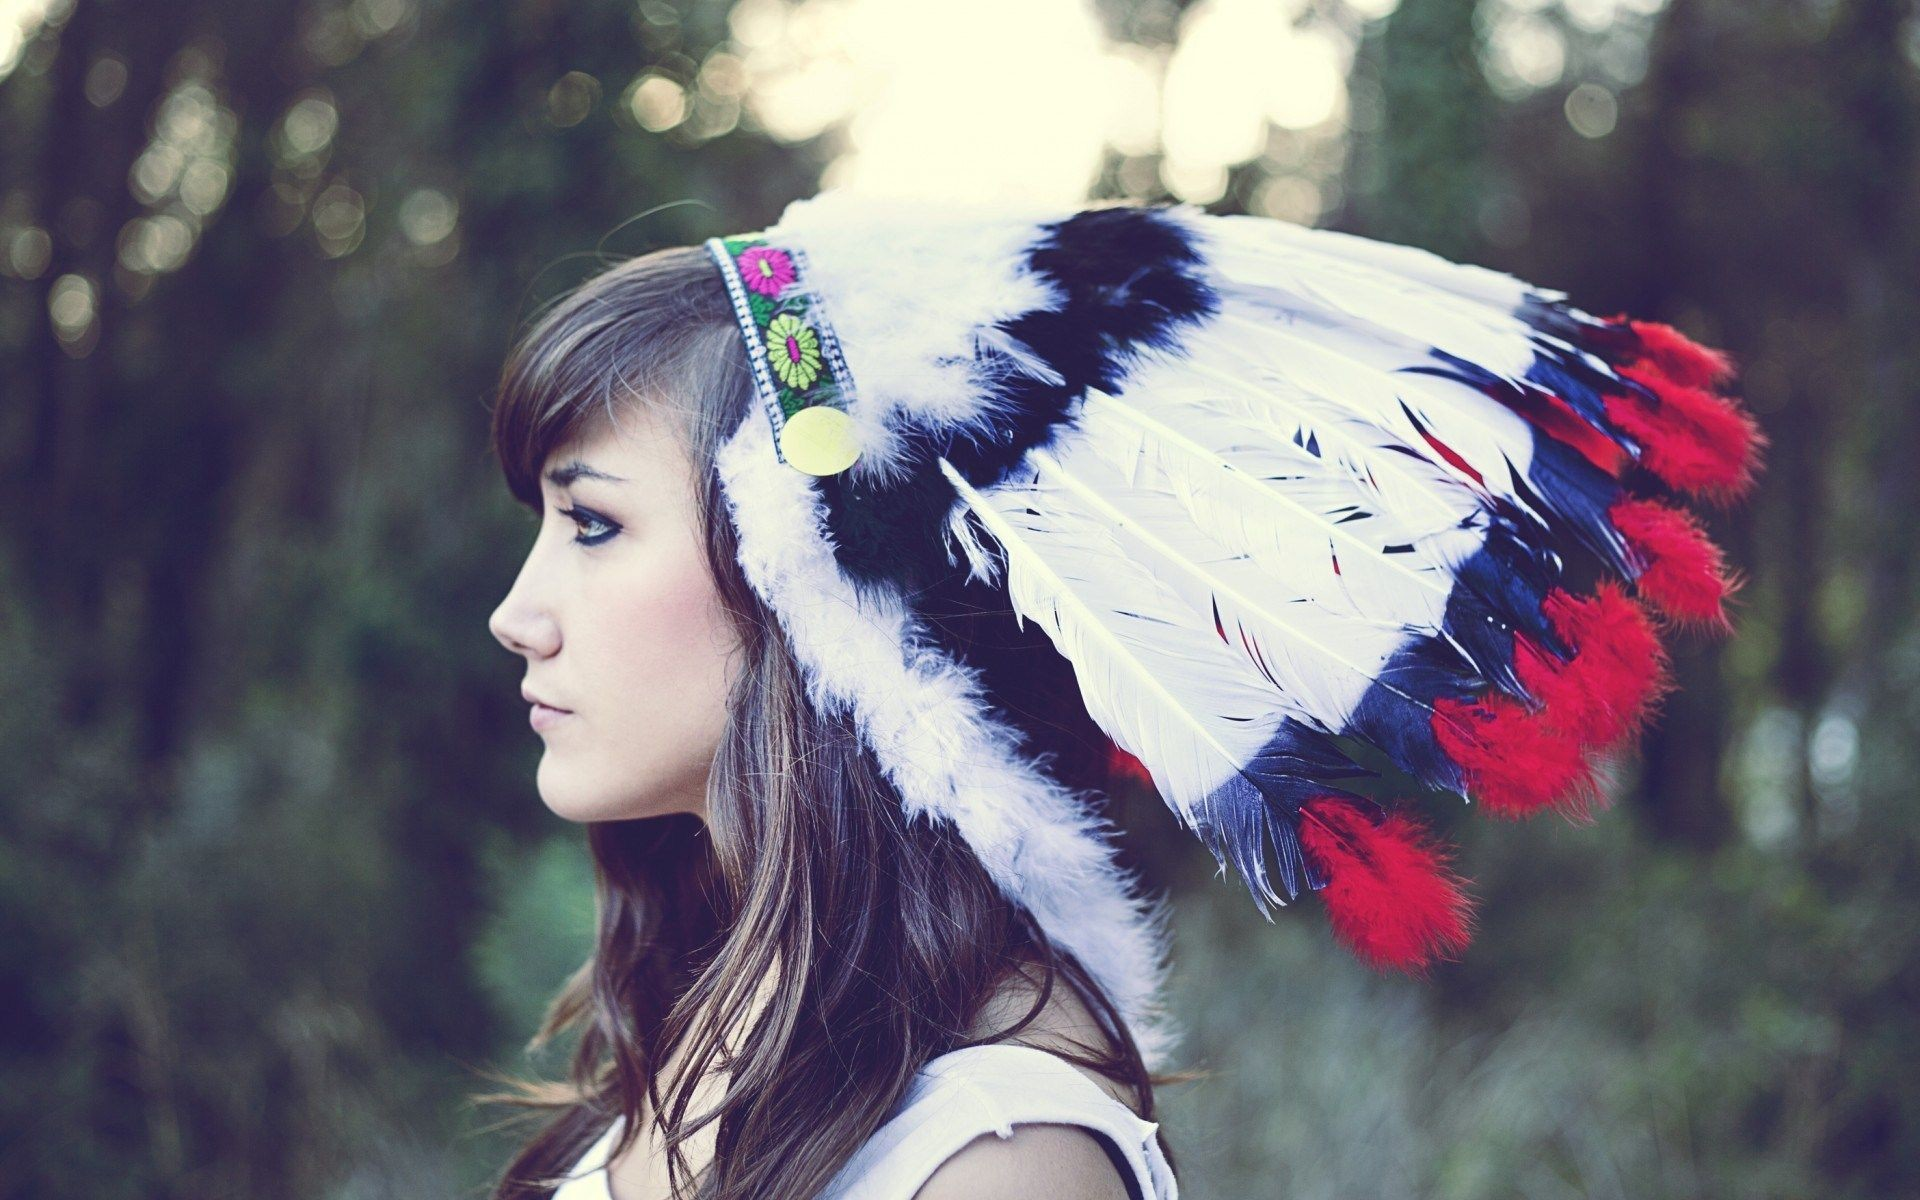 Girls Headdress 37 Cool Wallpaper – XDwallpaper.com